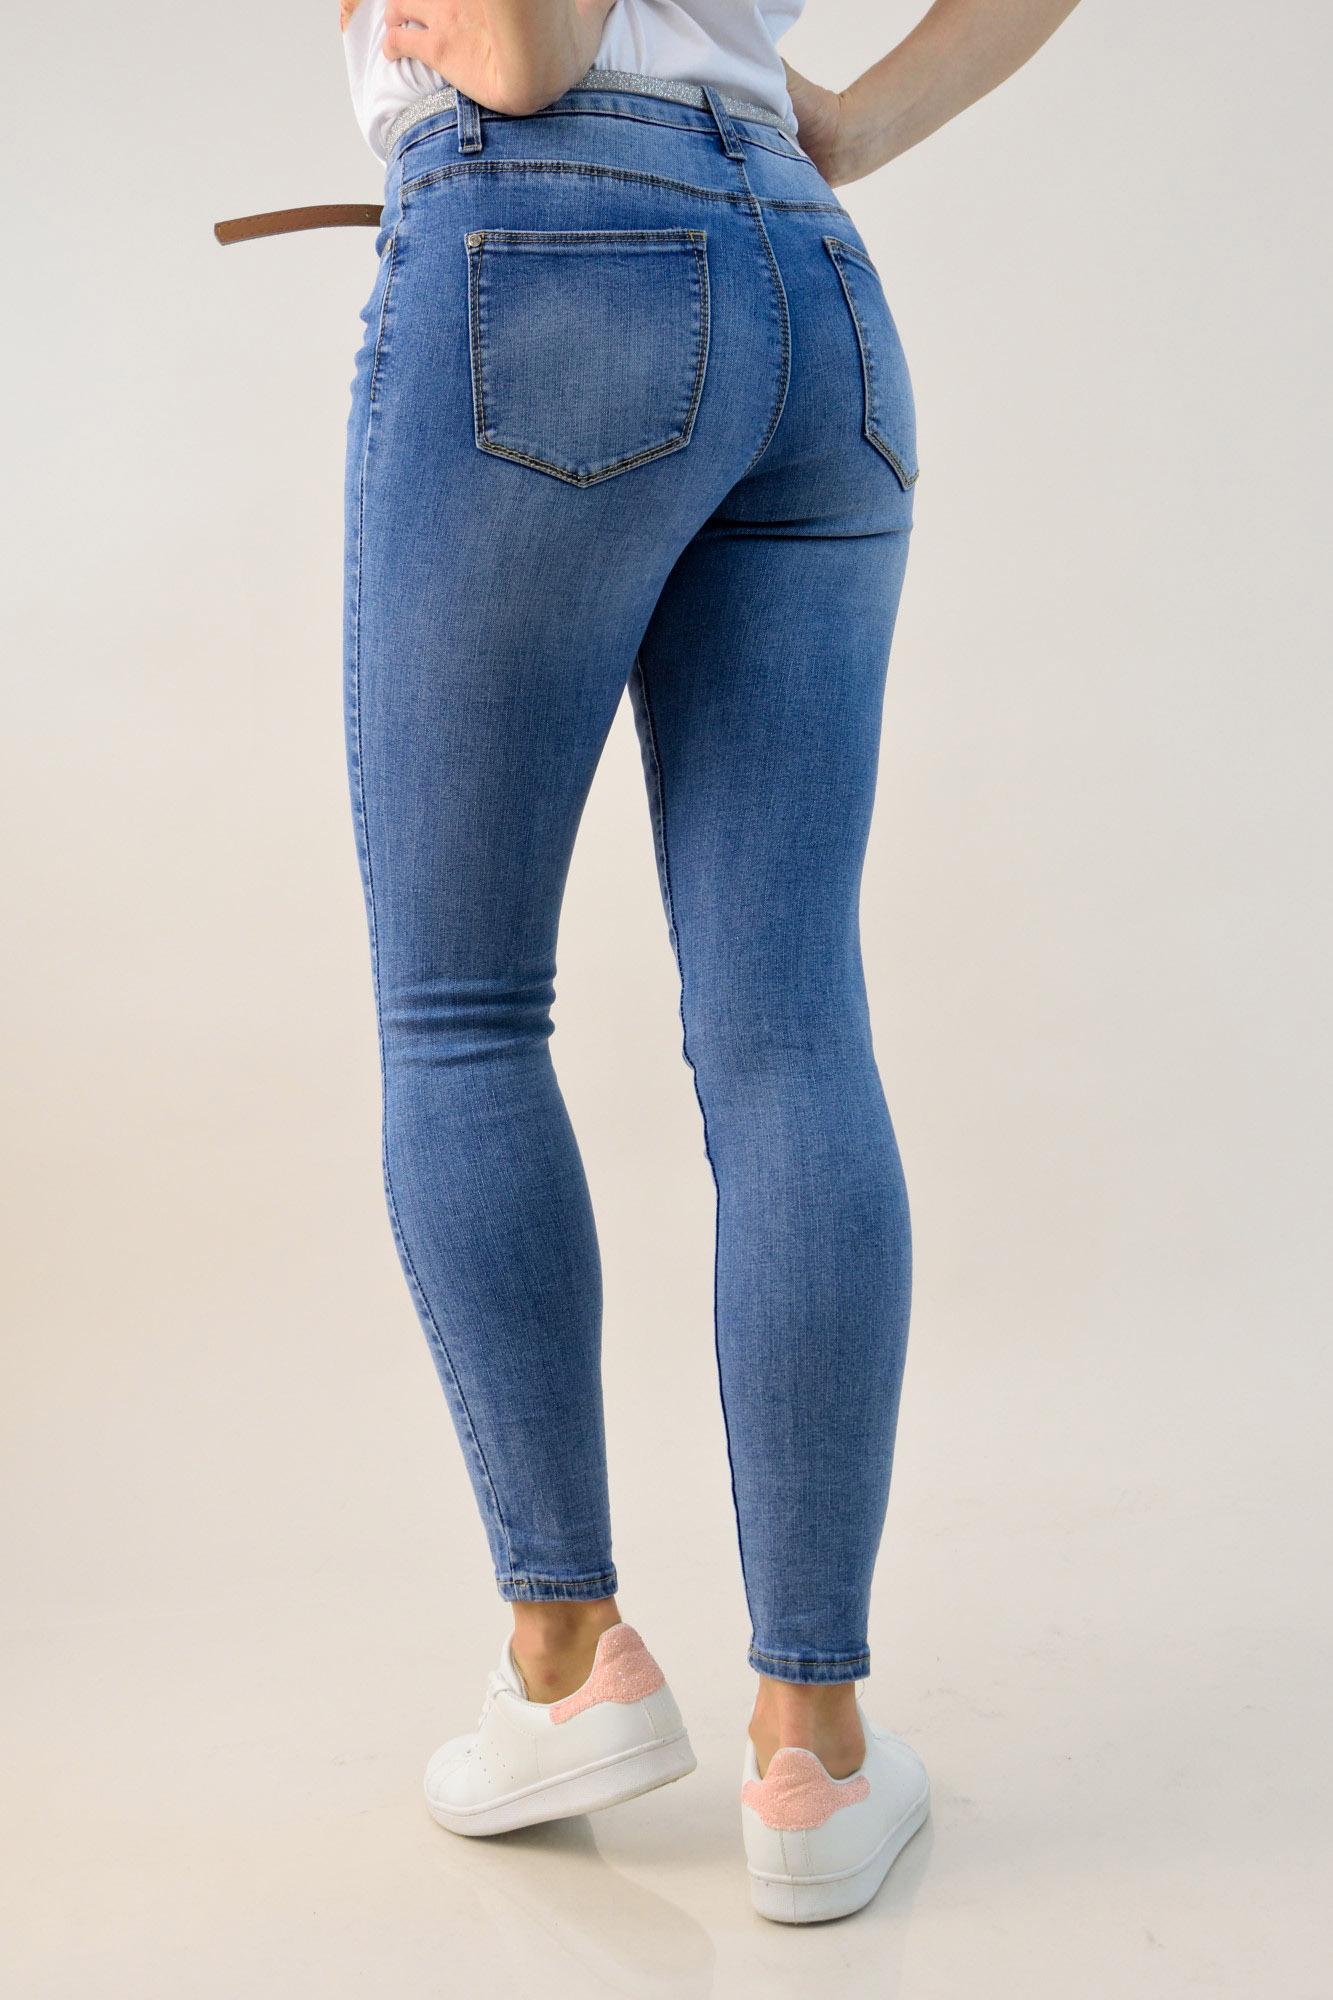 b47e8ceca8d Γυναικείο τζιν skinny με ζώνη | POTRE